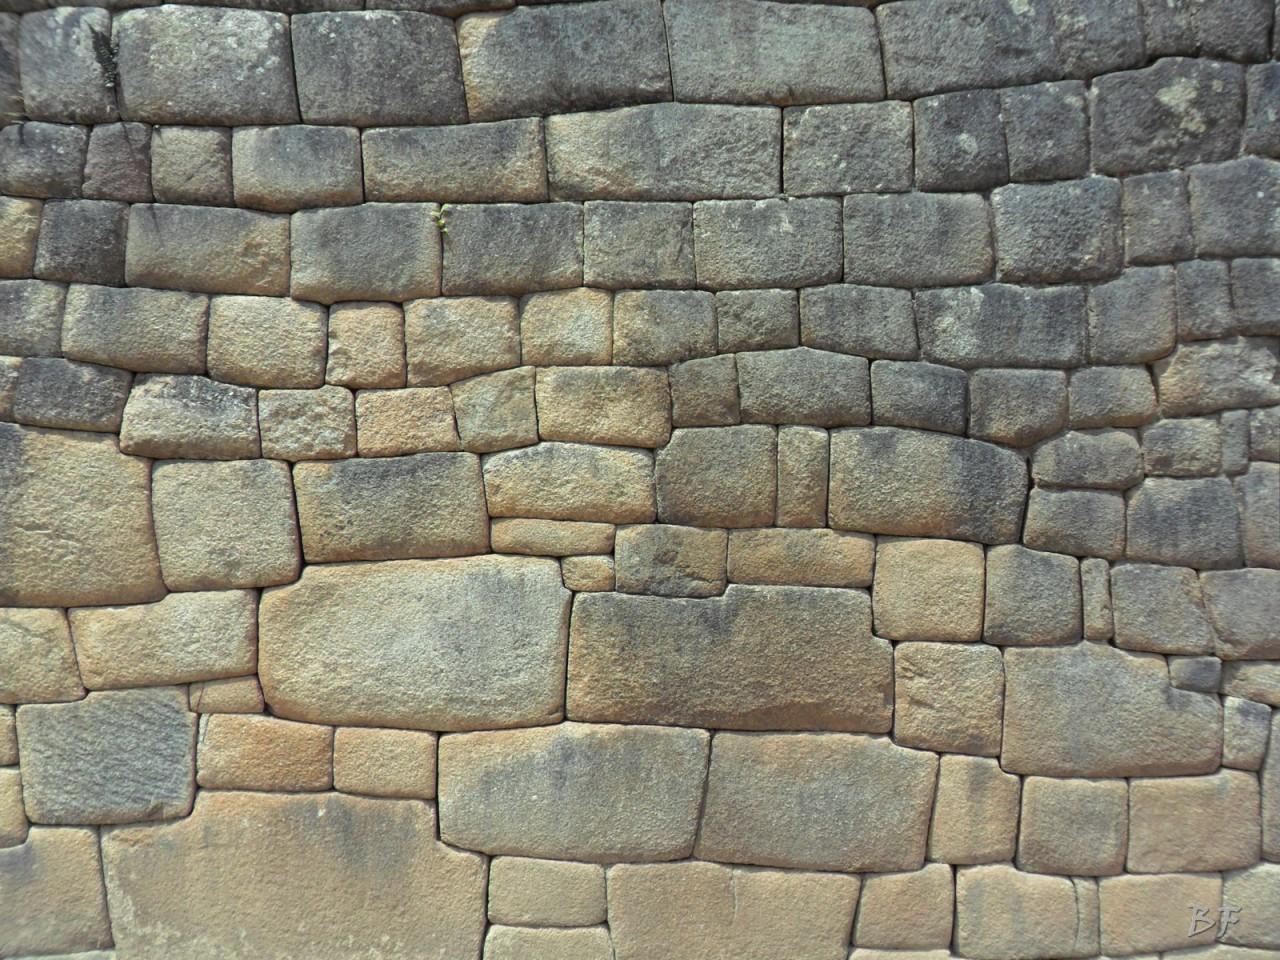 Mura-Poligonali-Incisioni-Altari-Edifici-Rupestri-Megaliti-Machu-Picchu-Aguas-Calientes-Urubamba-Cusco-Perù-145